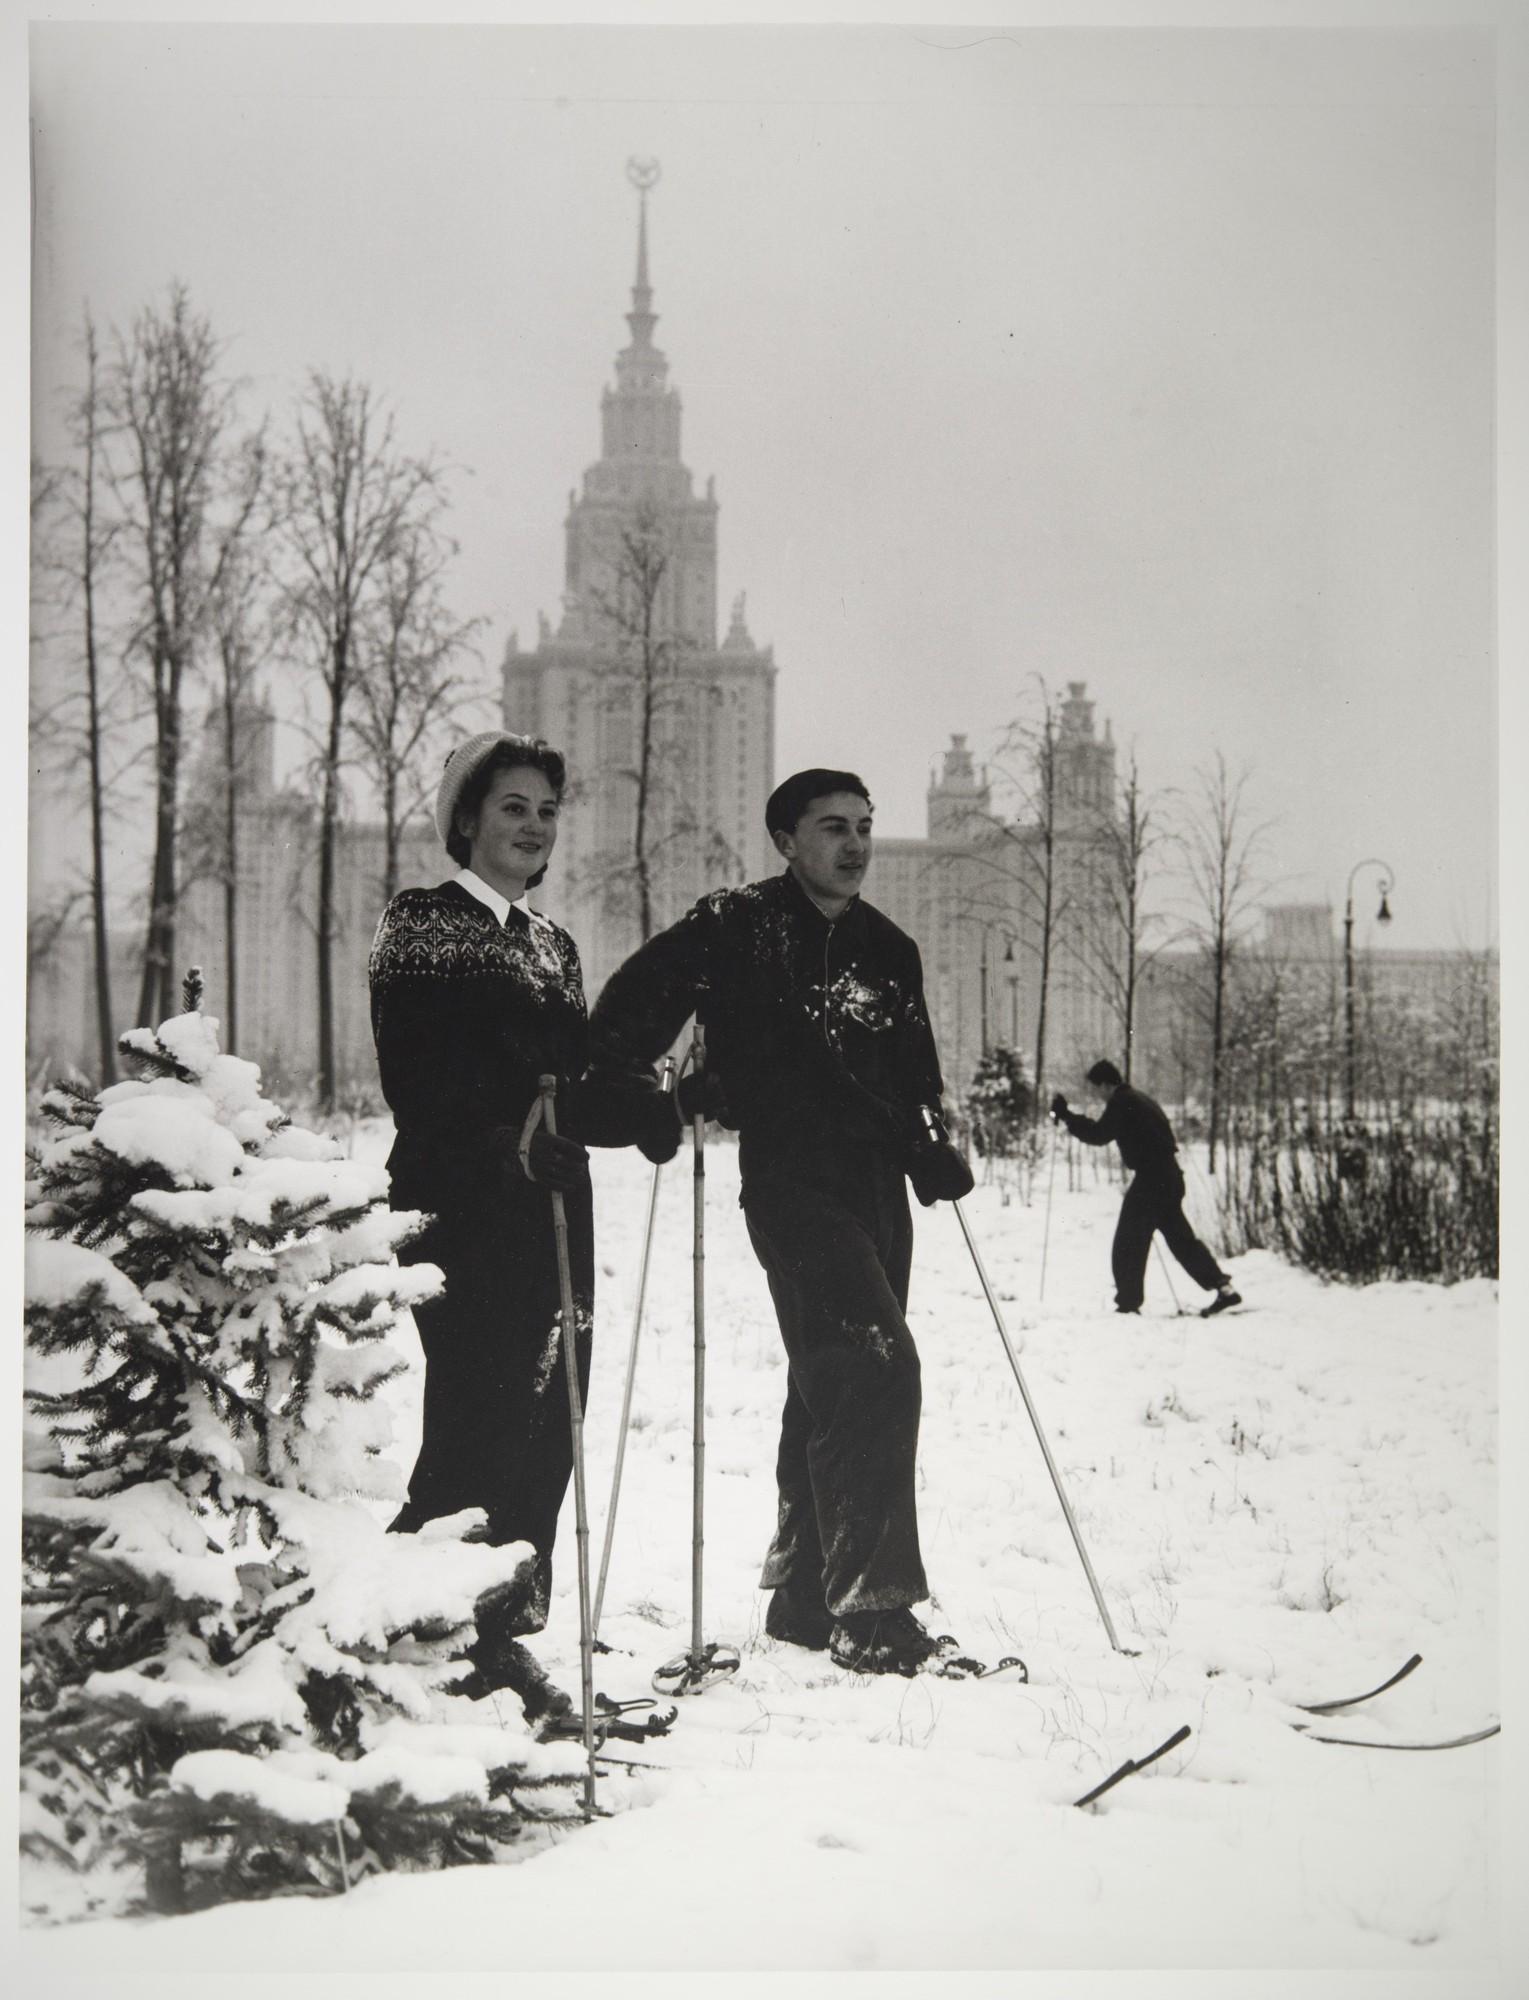 1955. Лыжники у здания МГУ